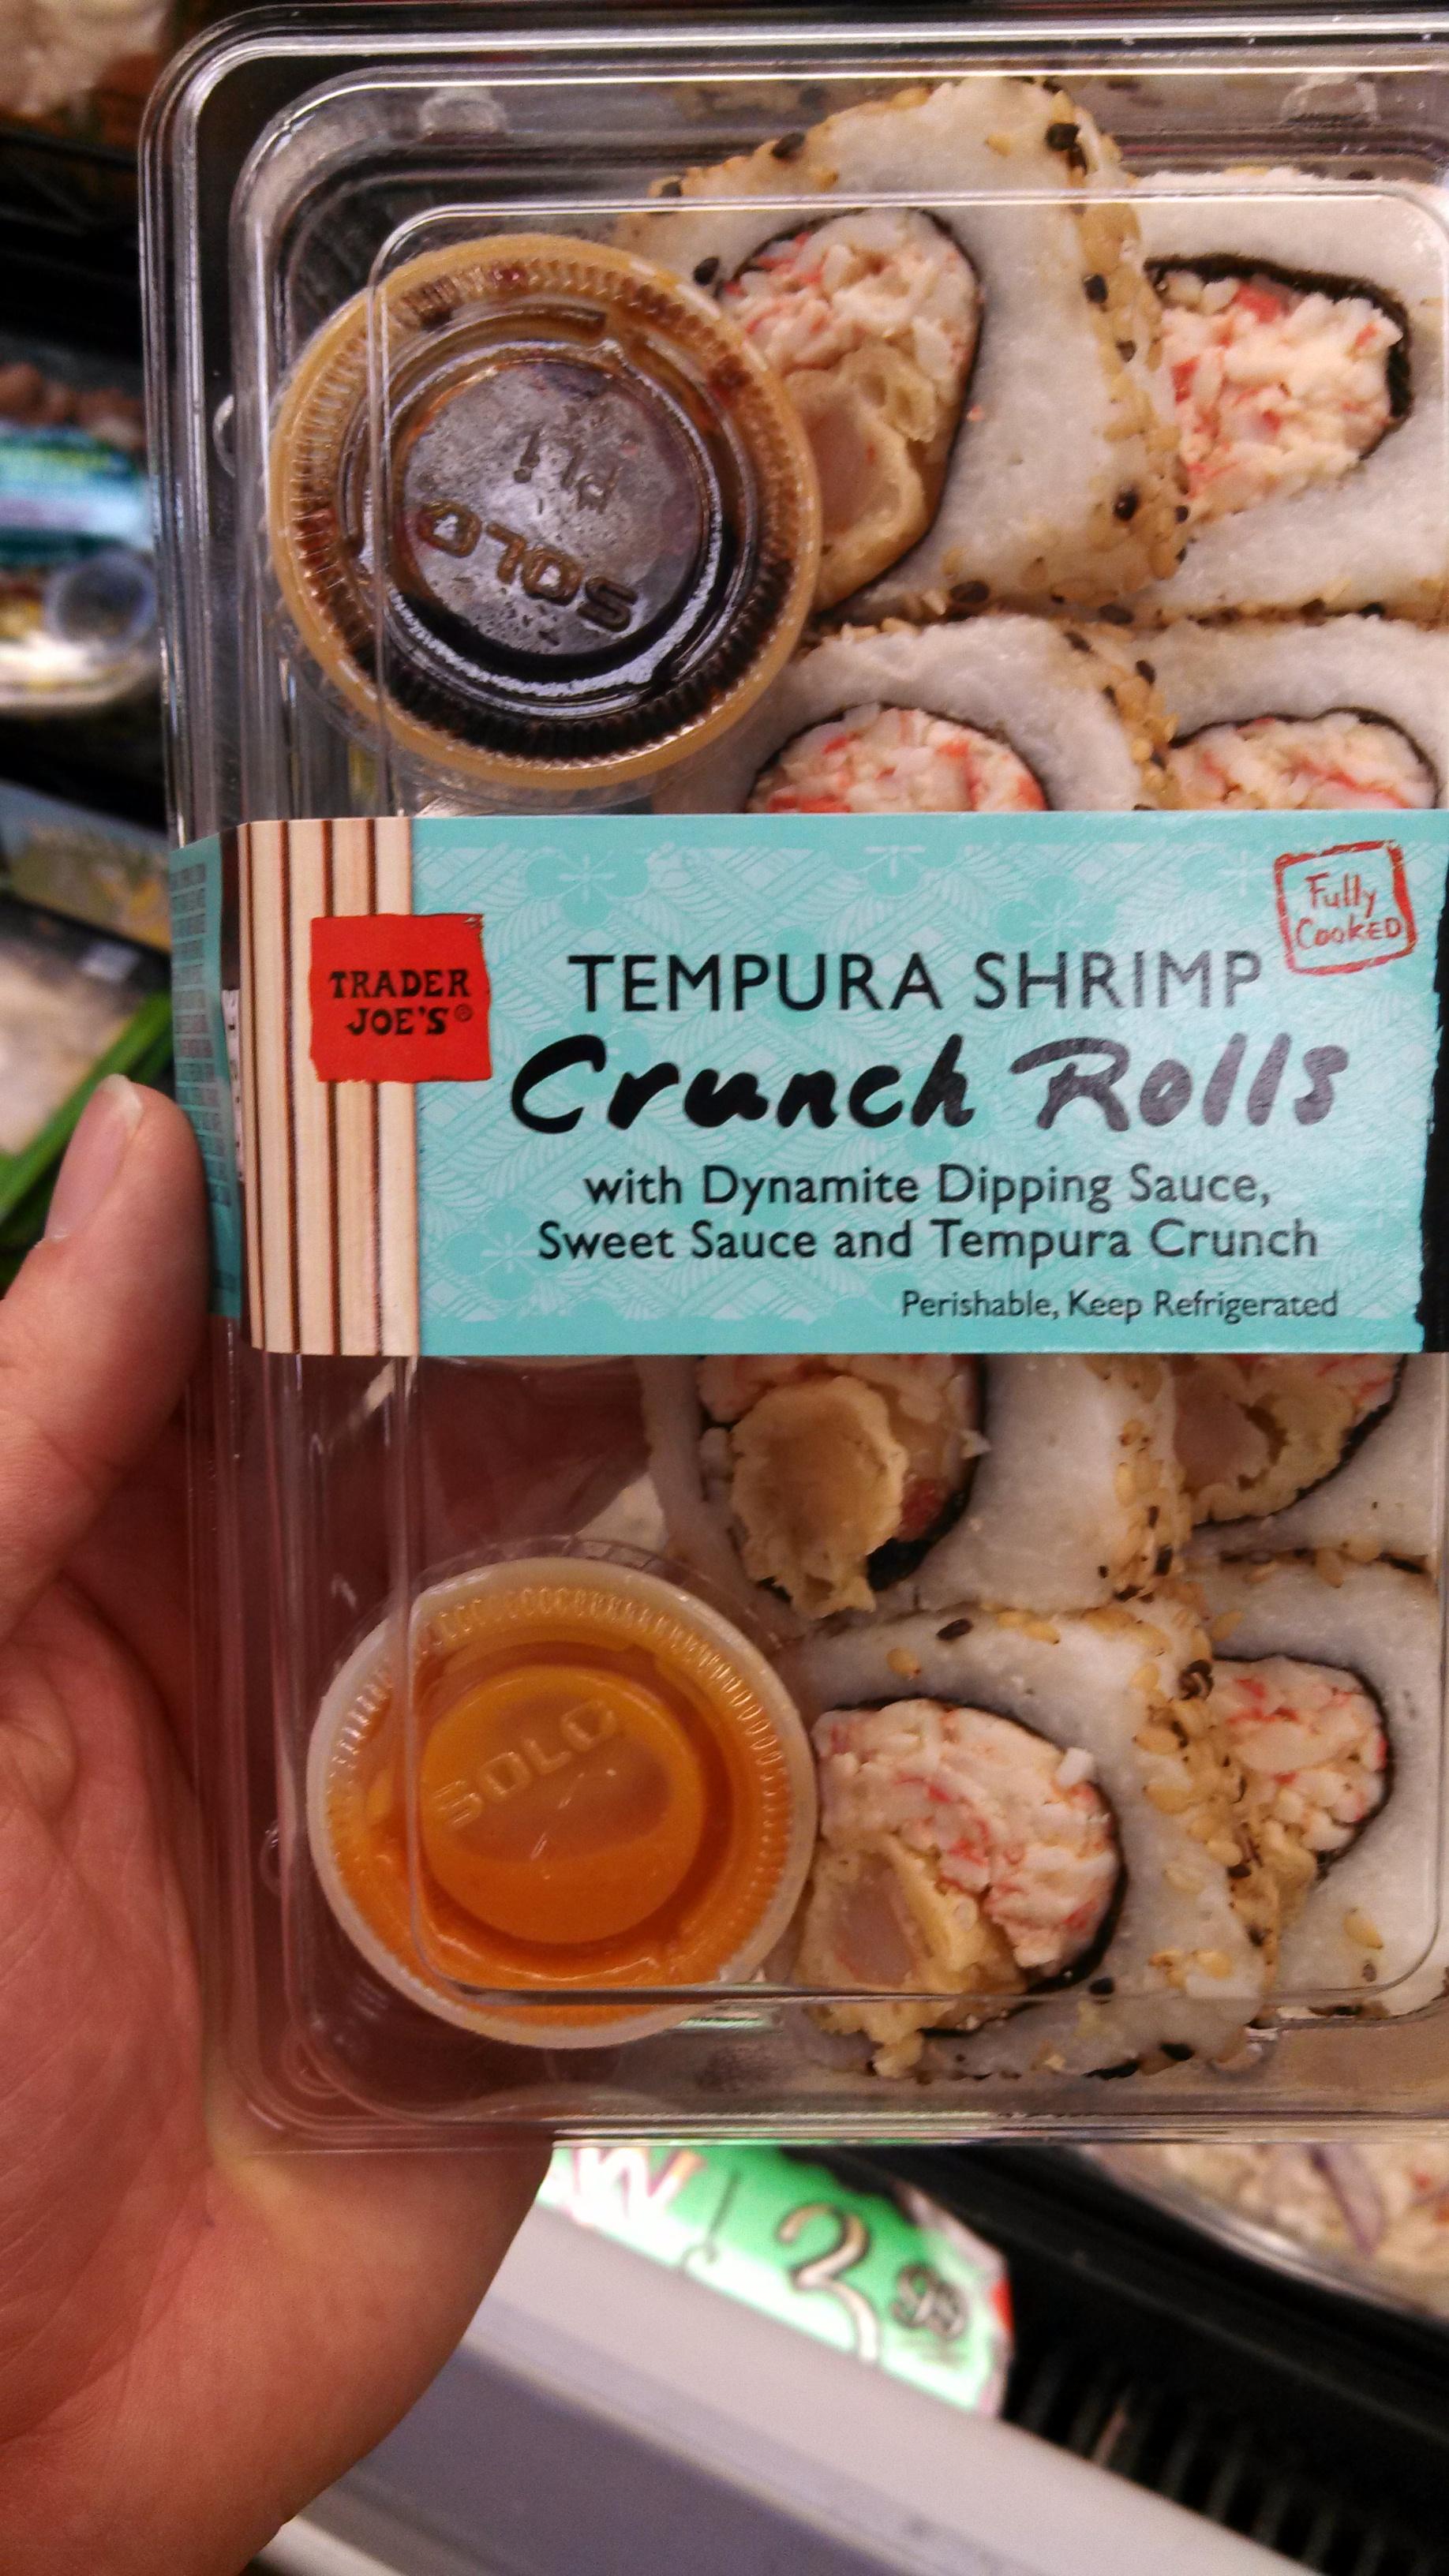 Trader joe s tempura shrimp crunch rolls